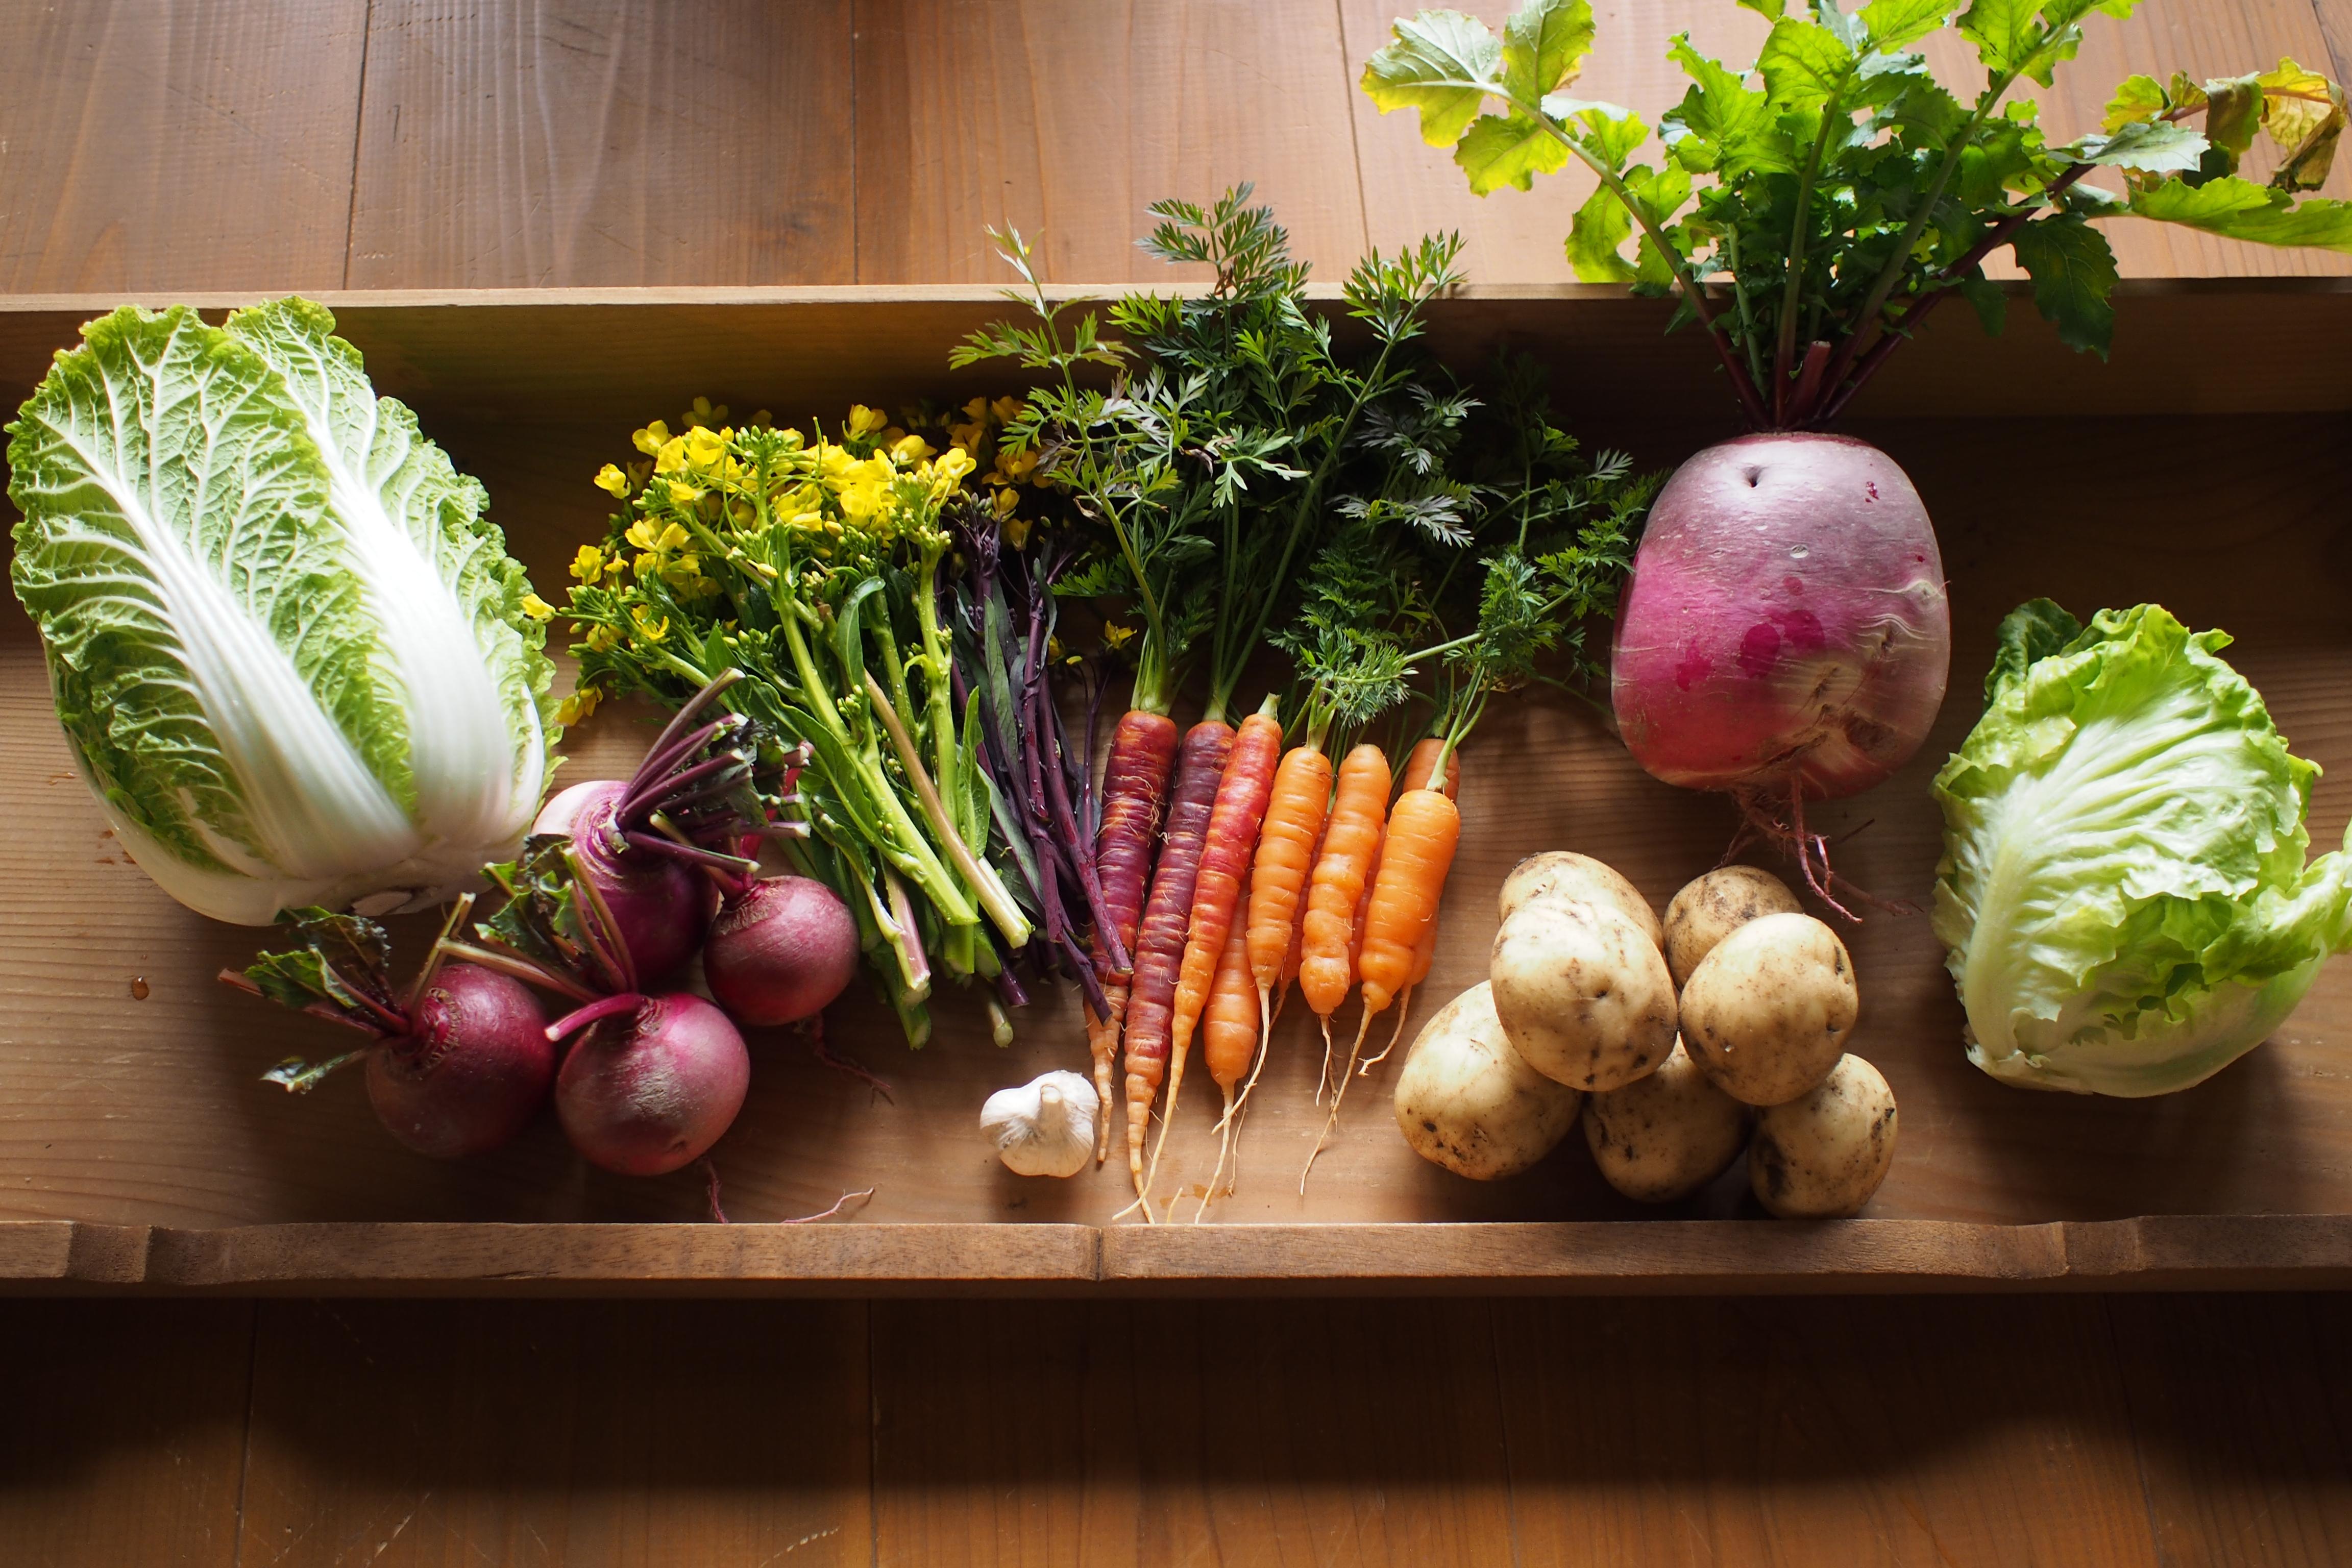 プロに学ぶ!身体にやさしい料理講座(全3回)参加者募集中!